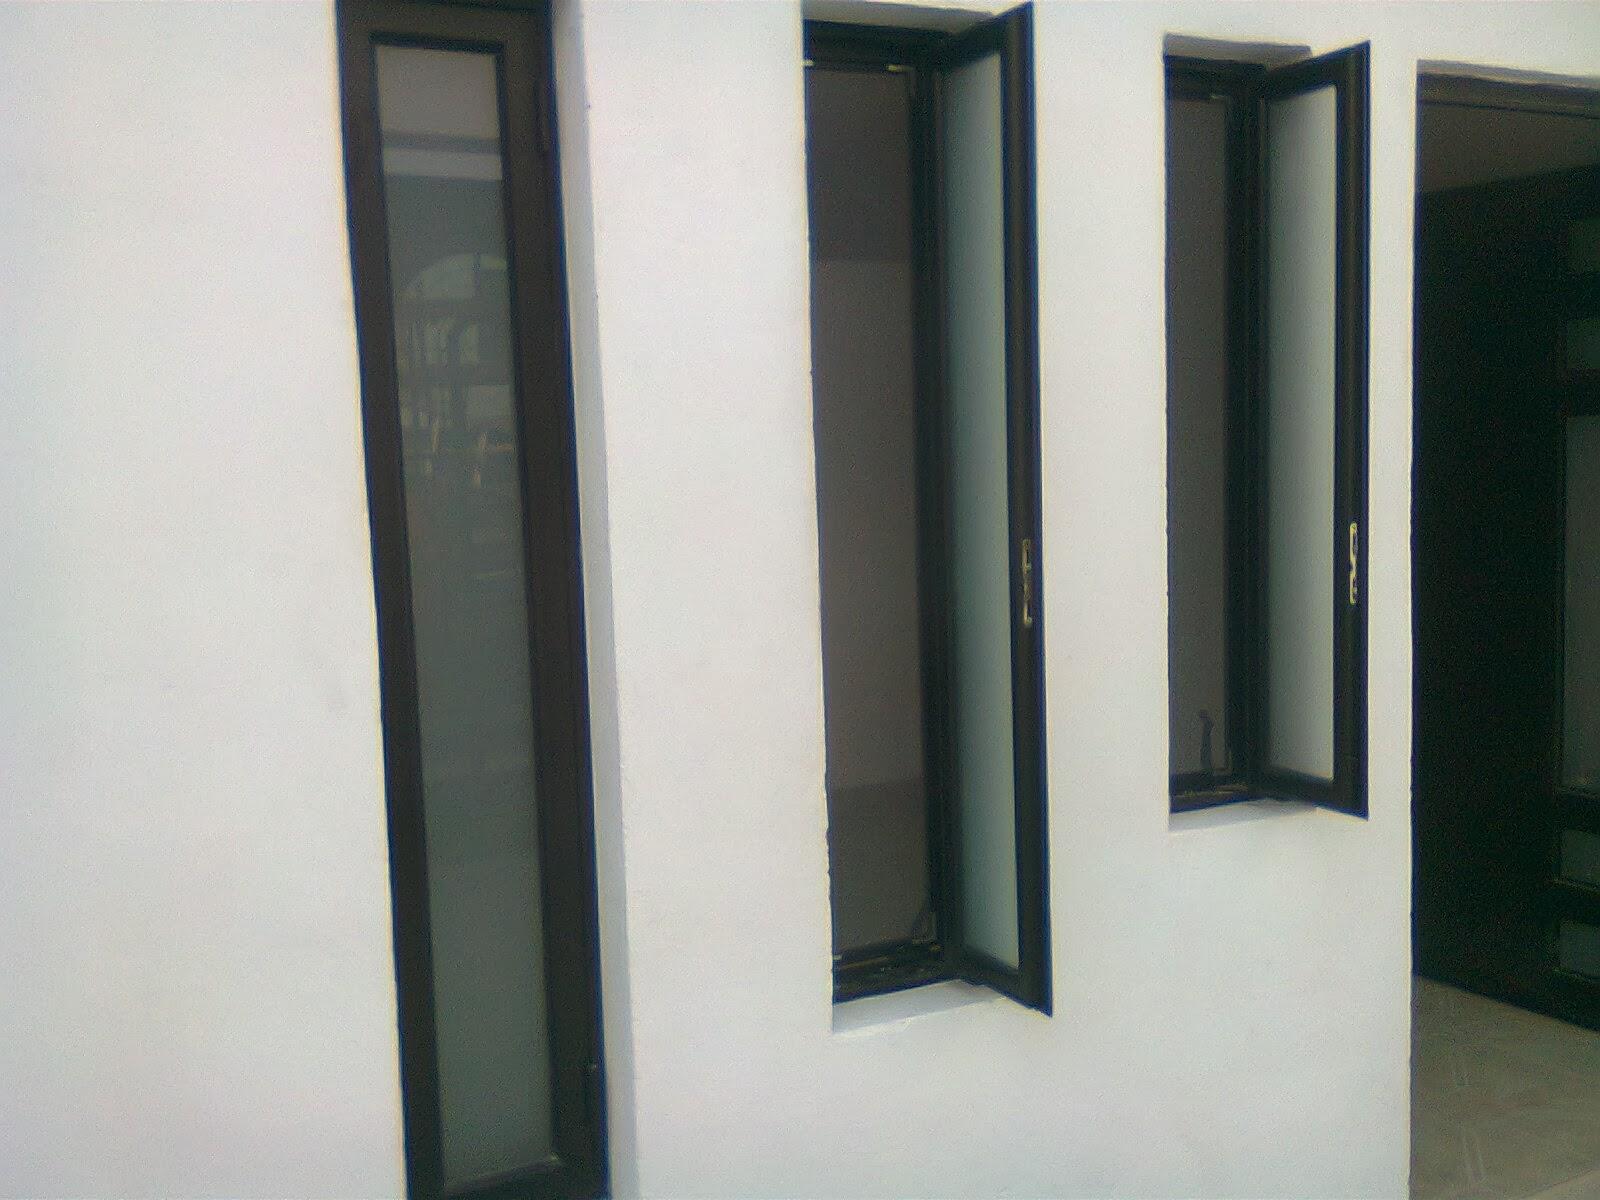 Persianas aluminio y vidrio ventanas de proyeccion serie 35 - Tipos de persianas de aluminio ...